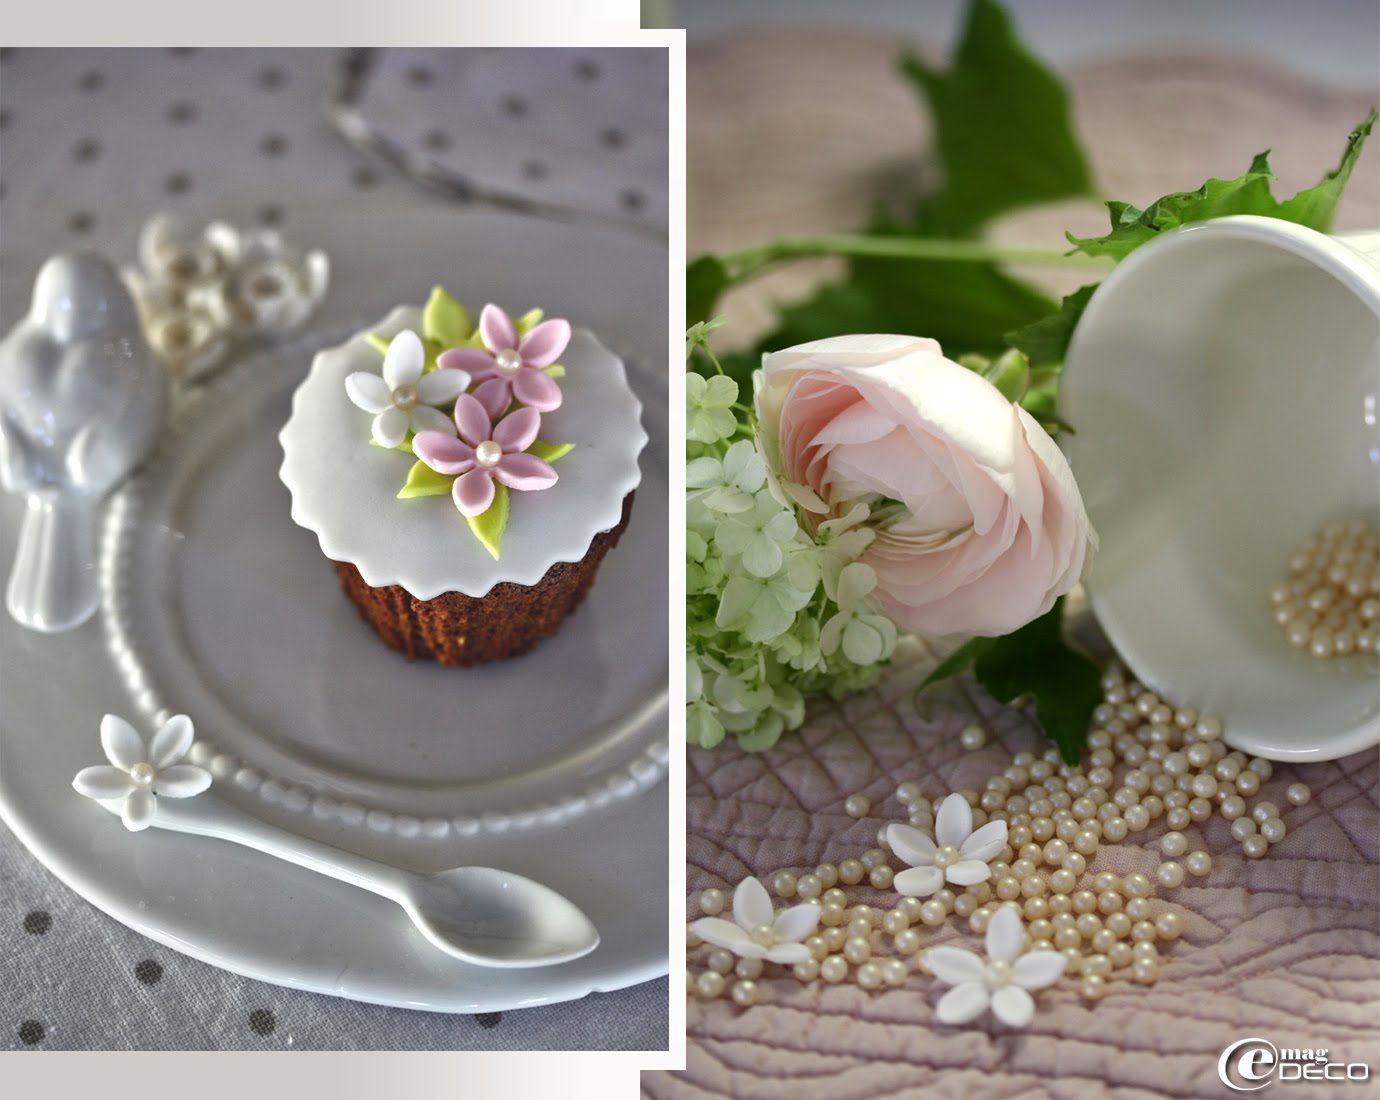 Création de Nina Couto, un cupcake décoré avec des fleurs